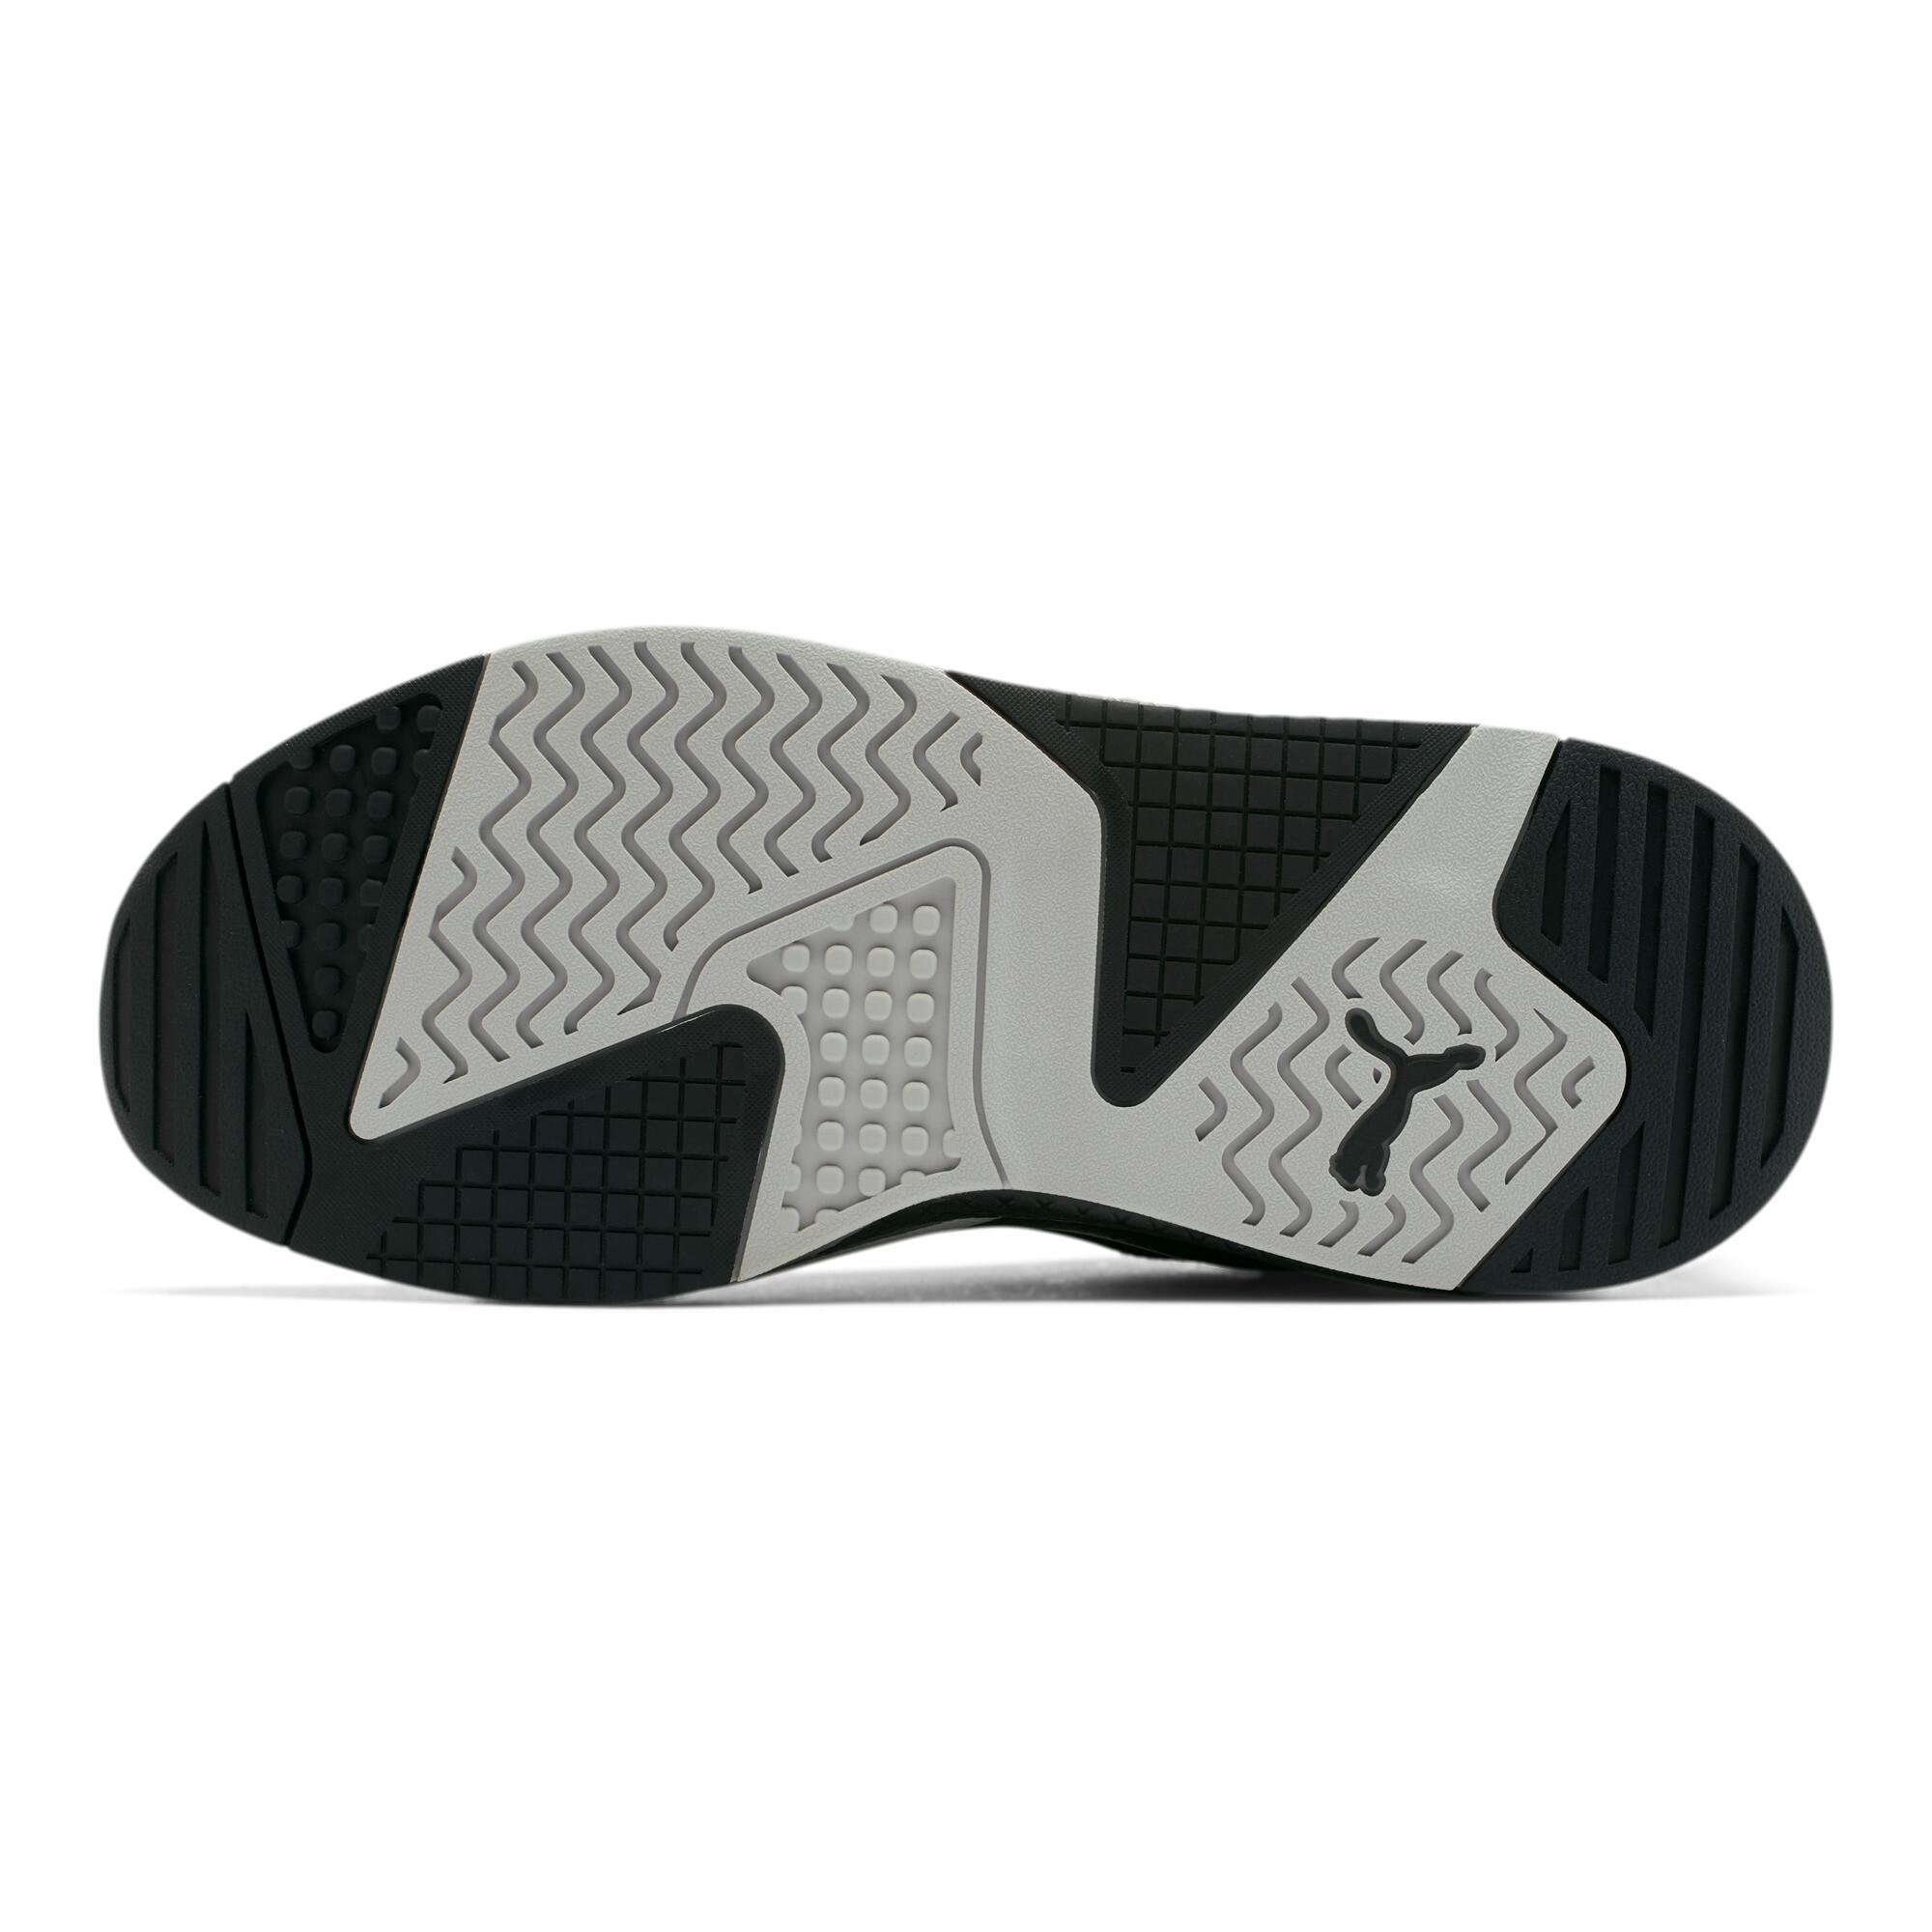 PUMA-X-RAY-Mesh-Men-039-s-Sneakers-Men-Shoe-Basics thumbnail 5